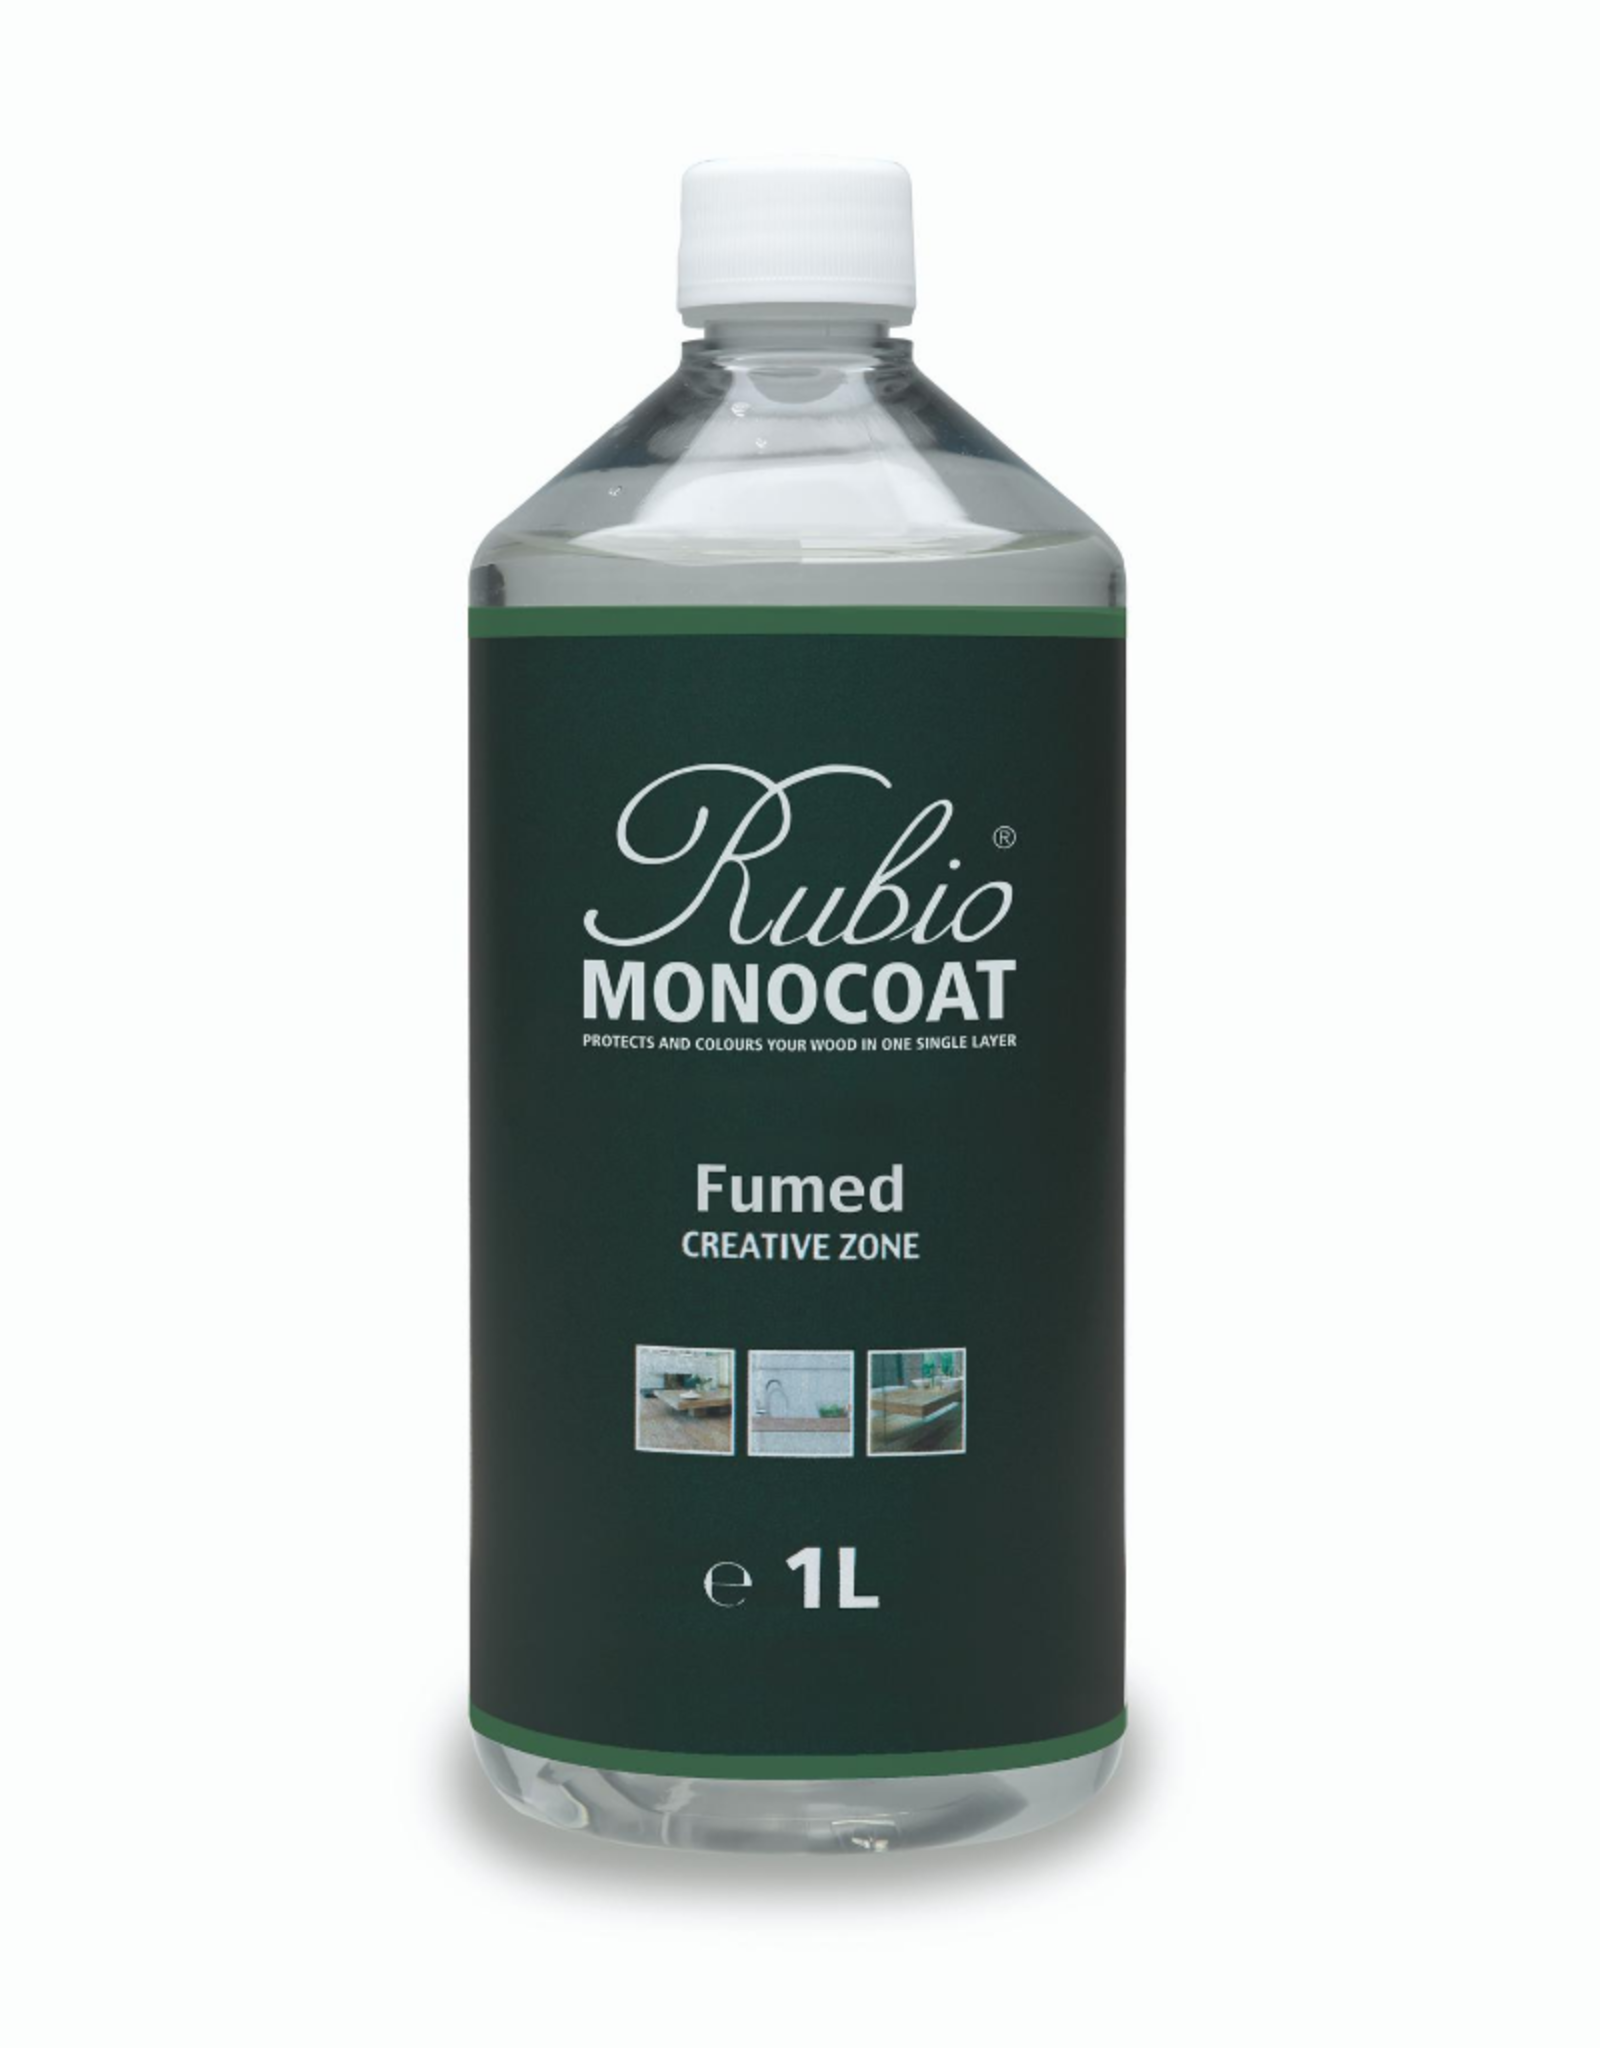 RUBIO MONOCOAT Fumed